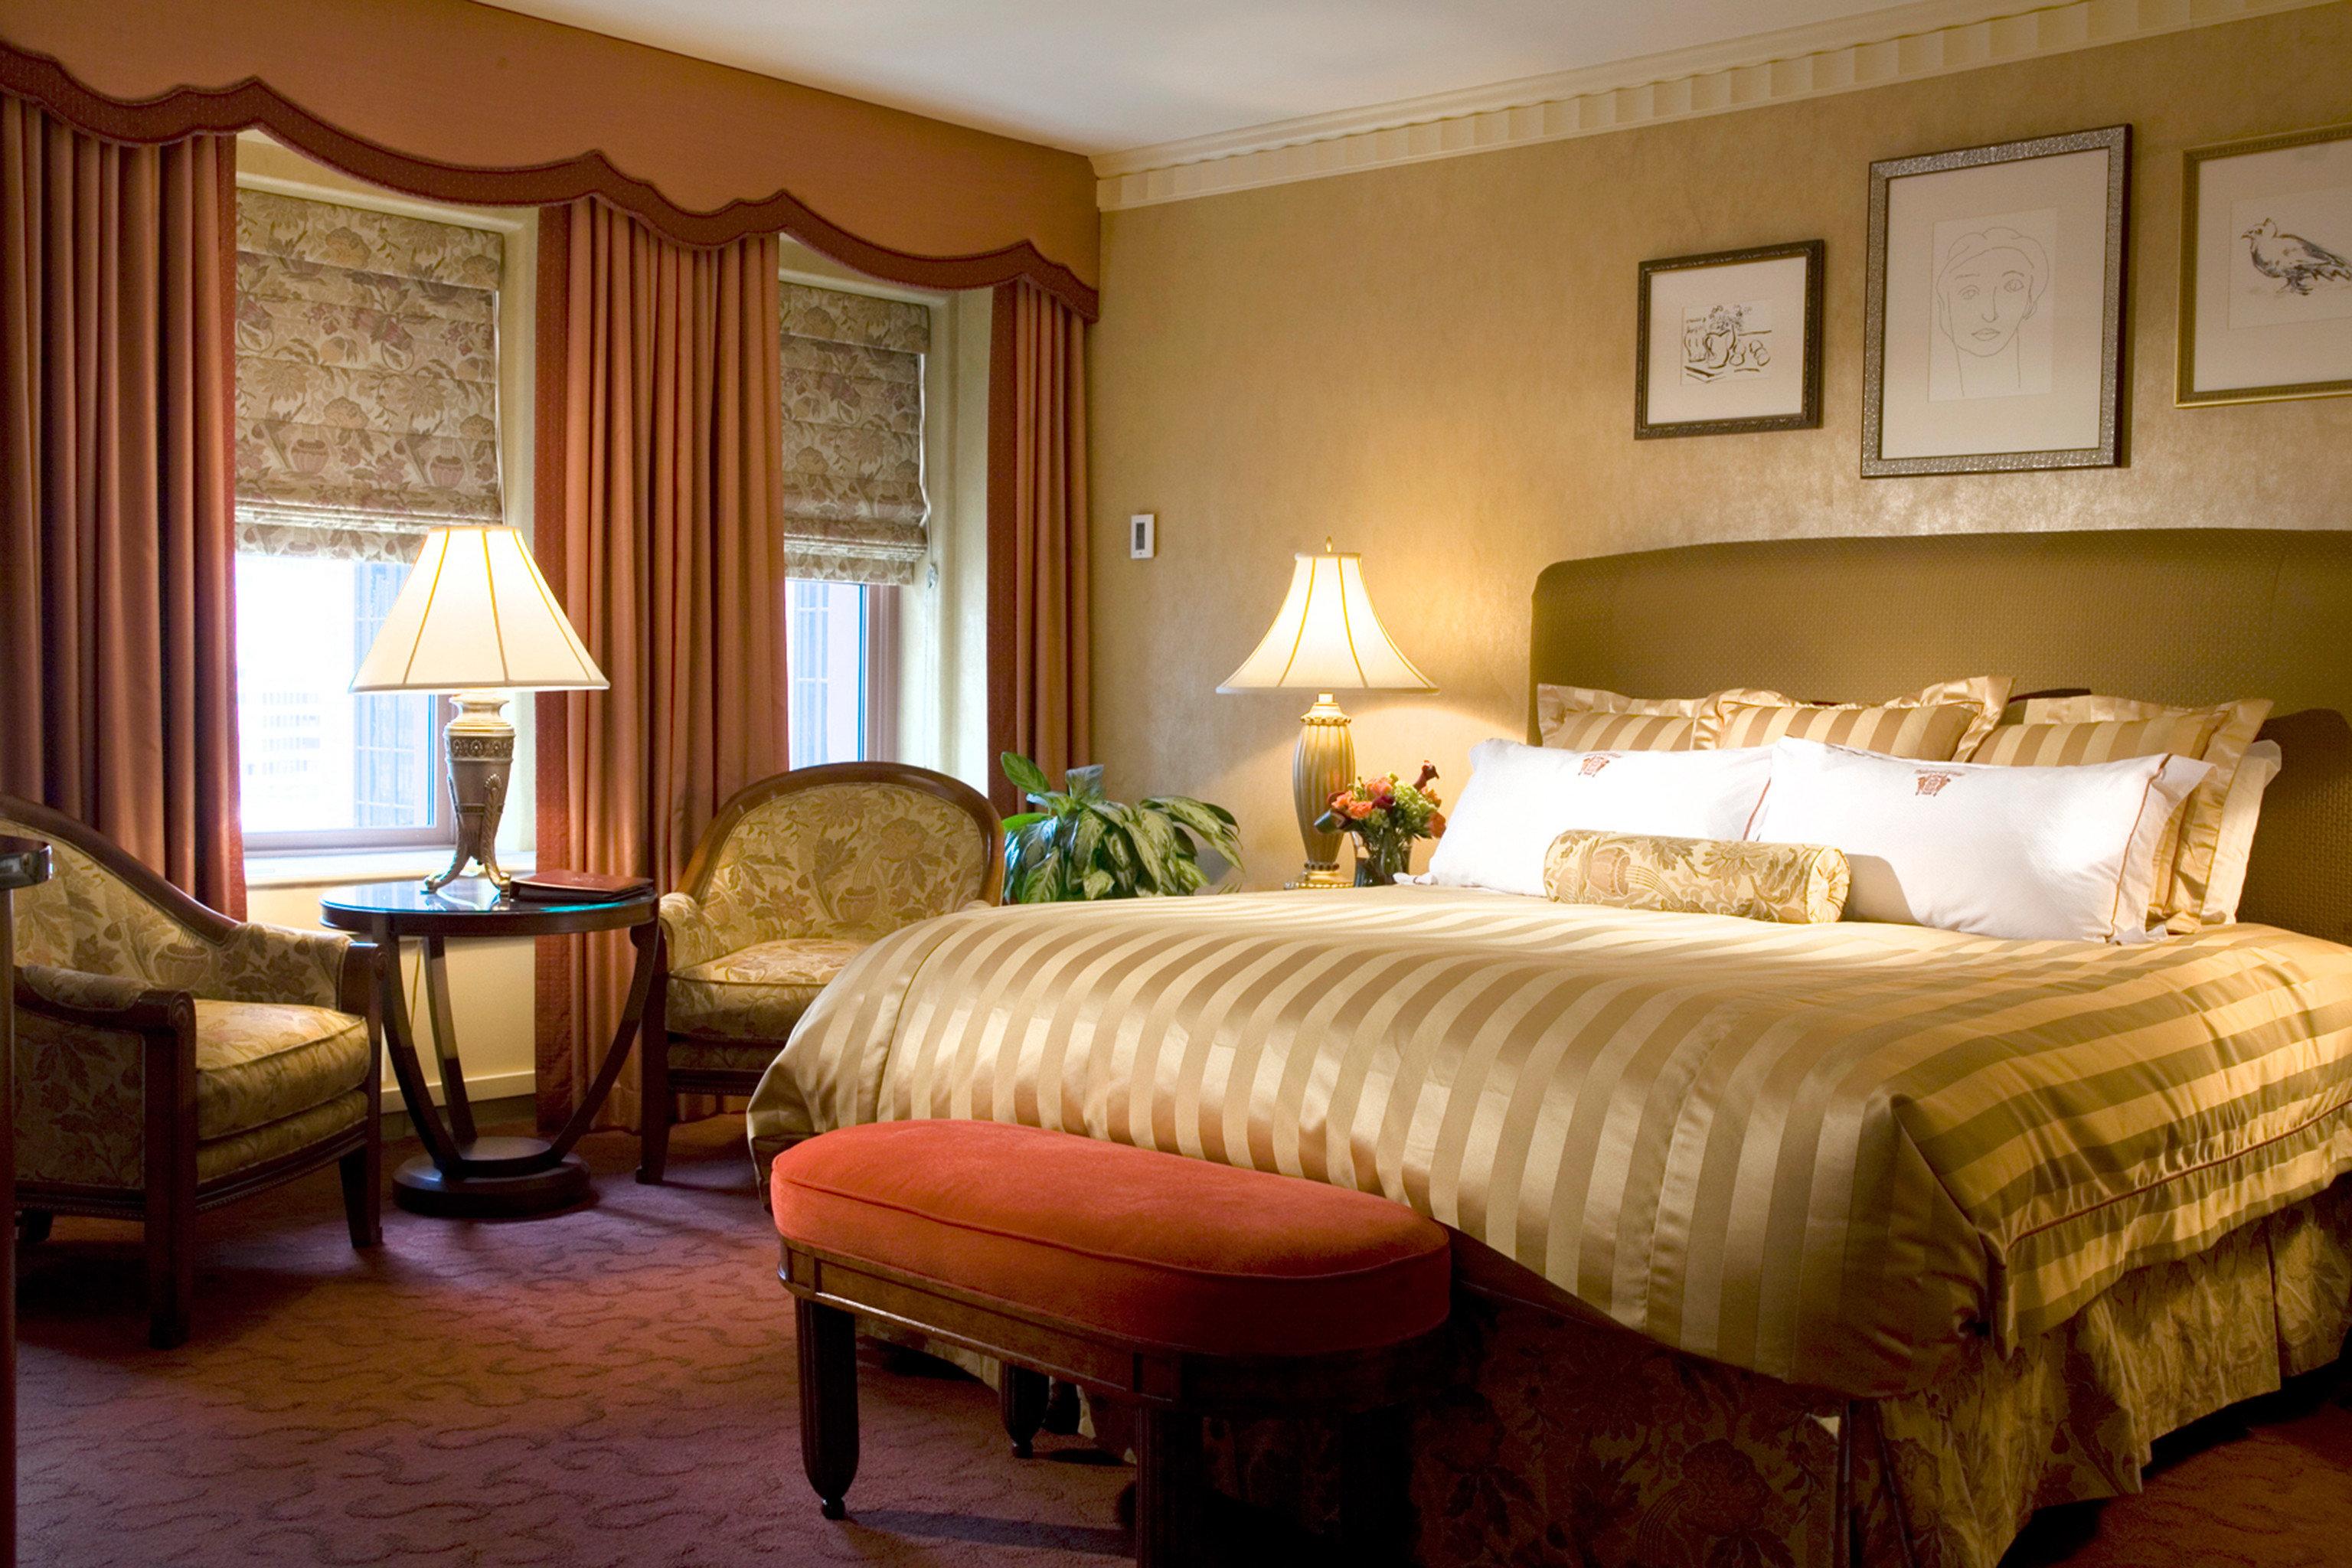 Bedroom Elegant Lounge Luxury Suite sofa property hardwood home living room cottage bed sheet lamp